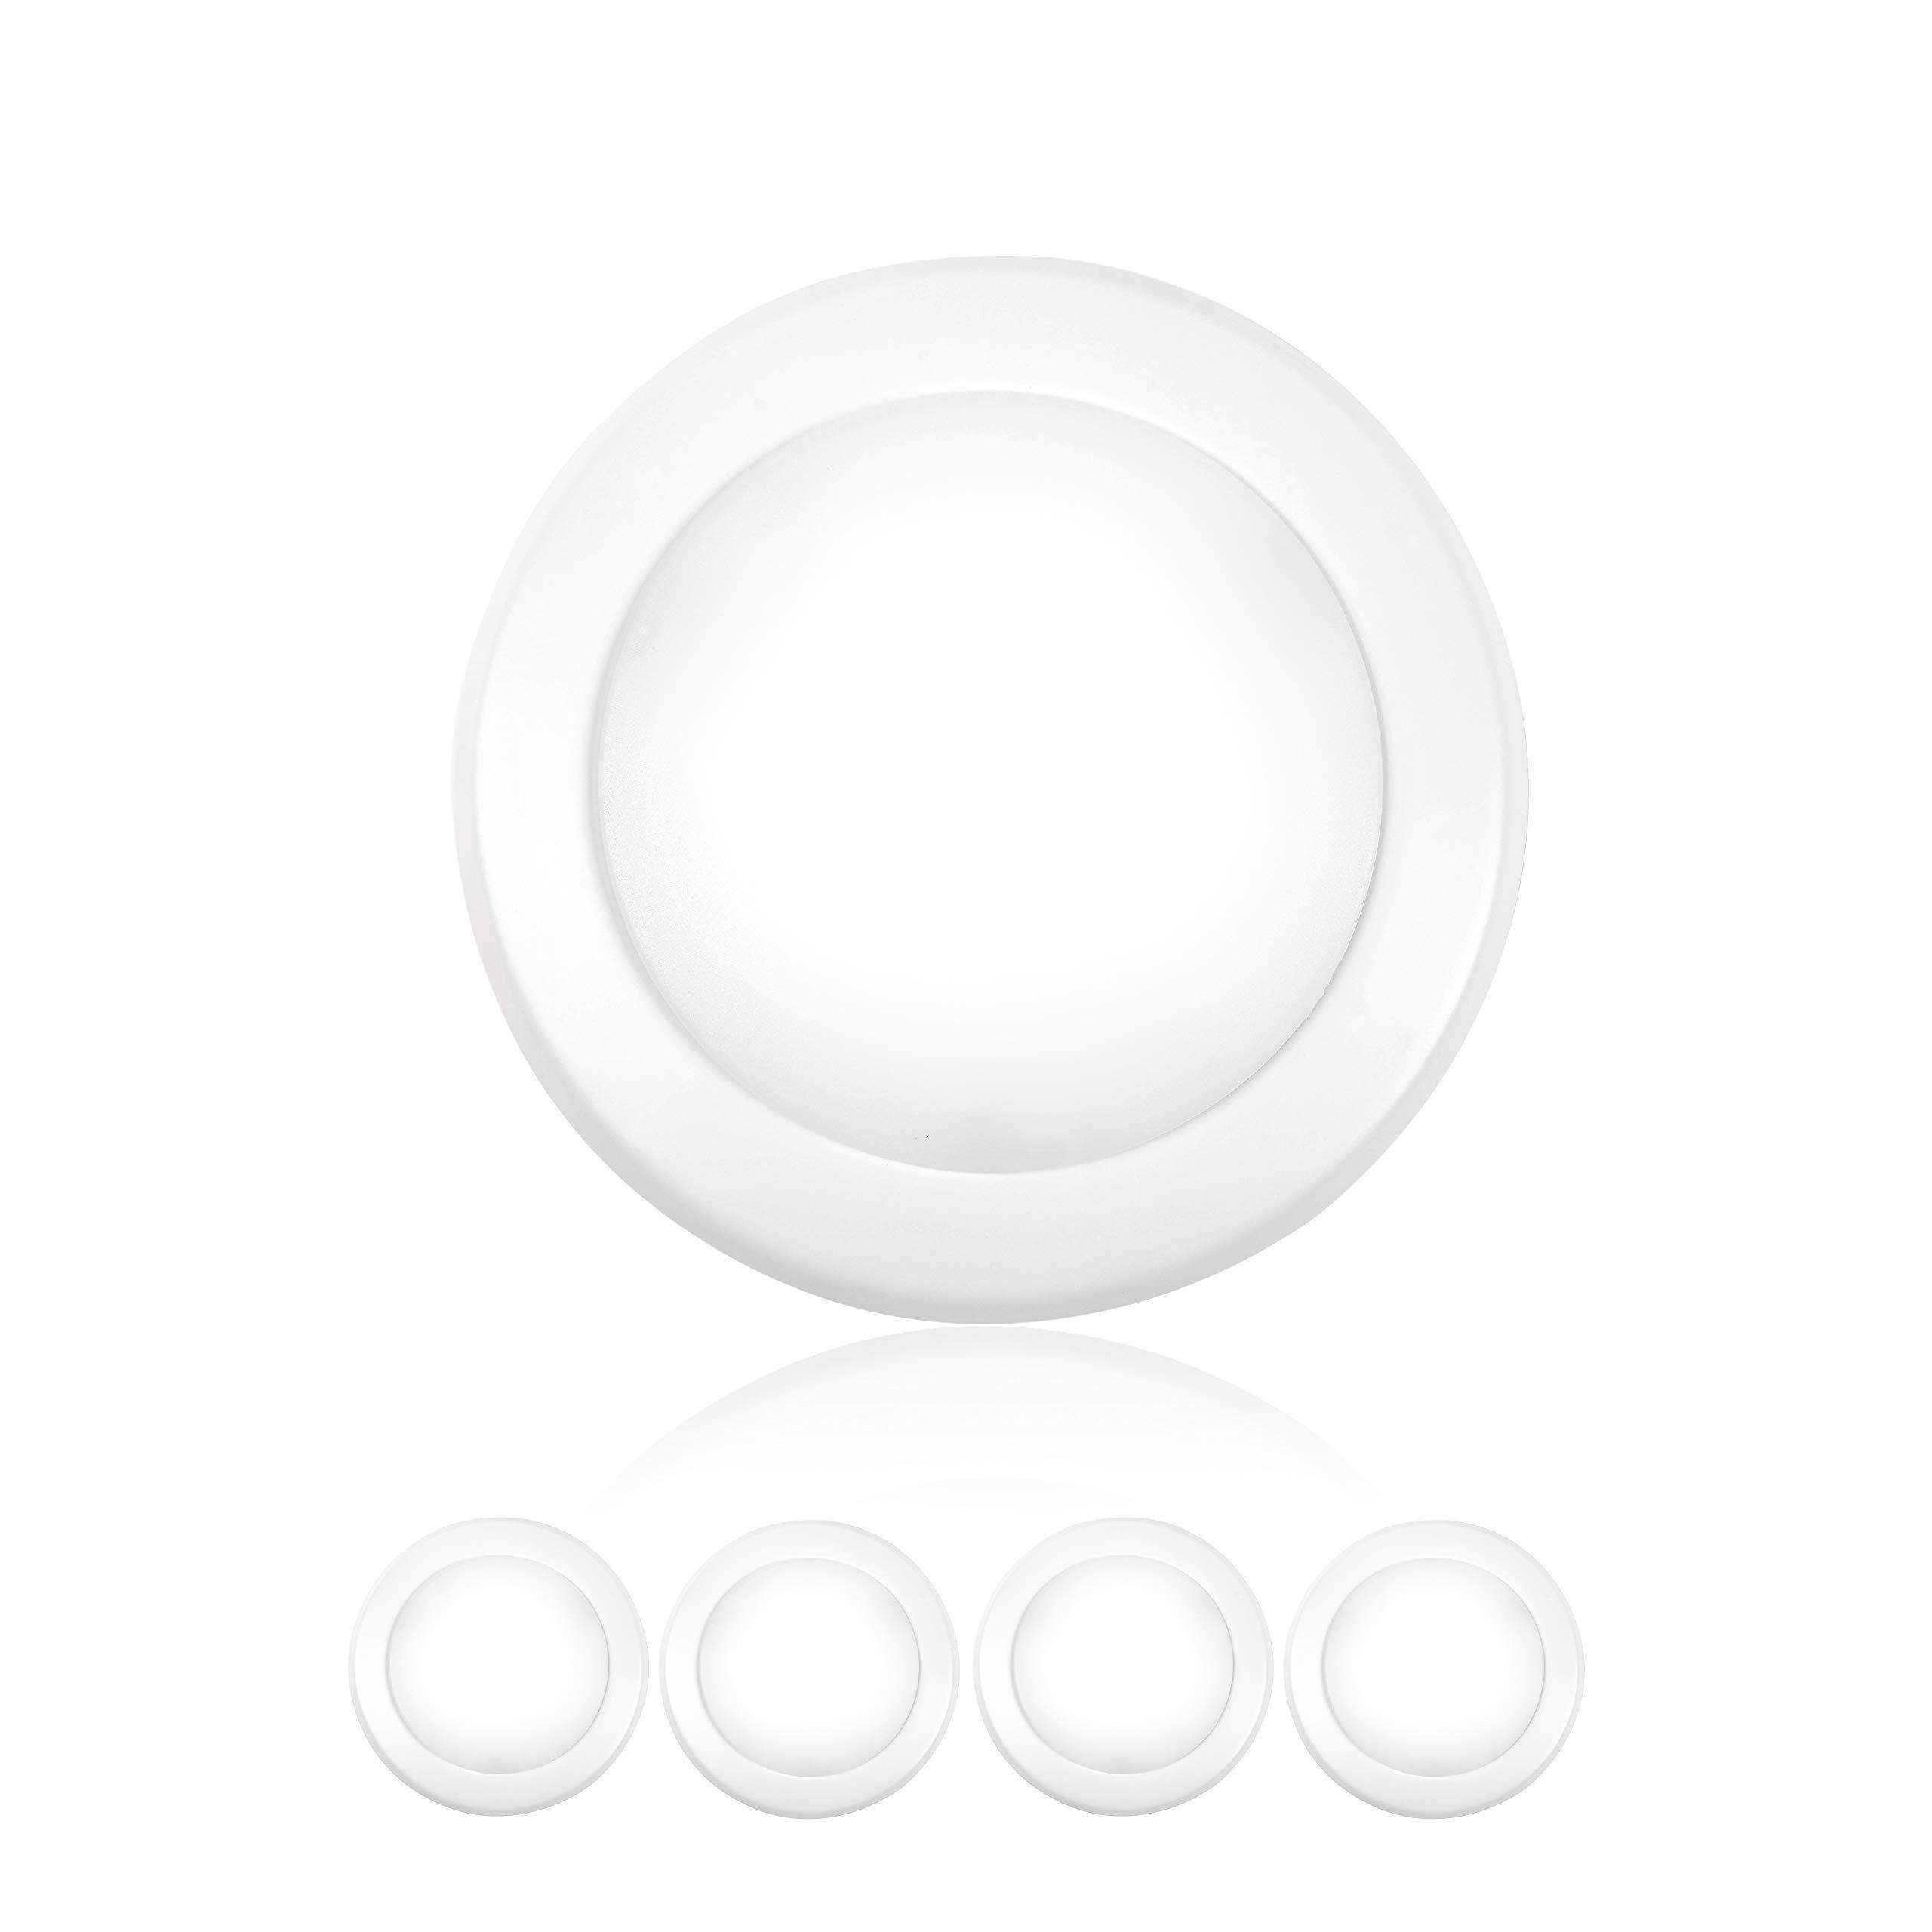 Parmida 4 Pack 5 6 Dimmable Led Disk Light Flush Mount